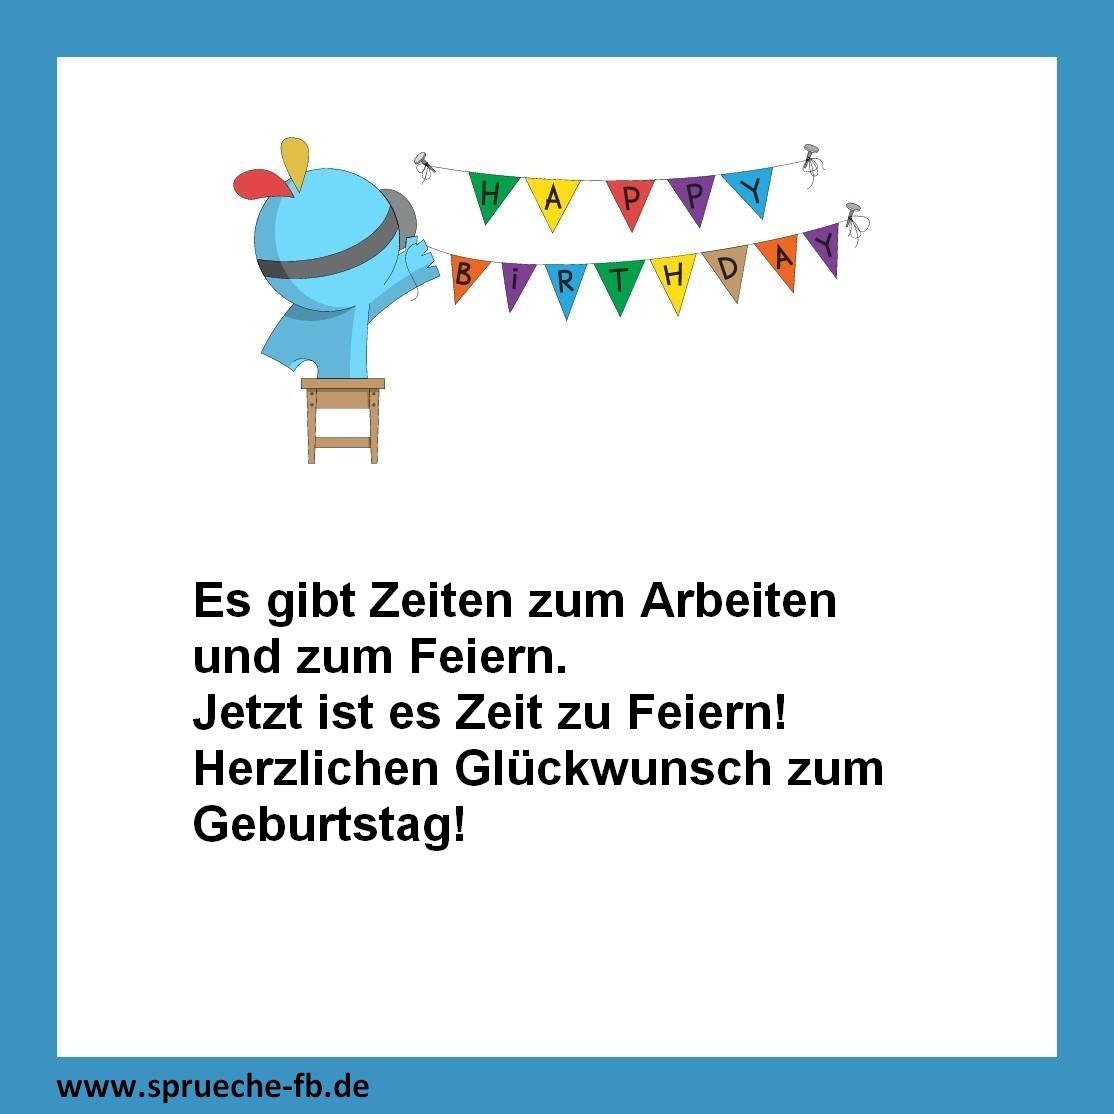 Geburtstags Sms Sprüche Bilder 2  Sms Sprüche,guten